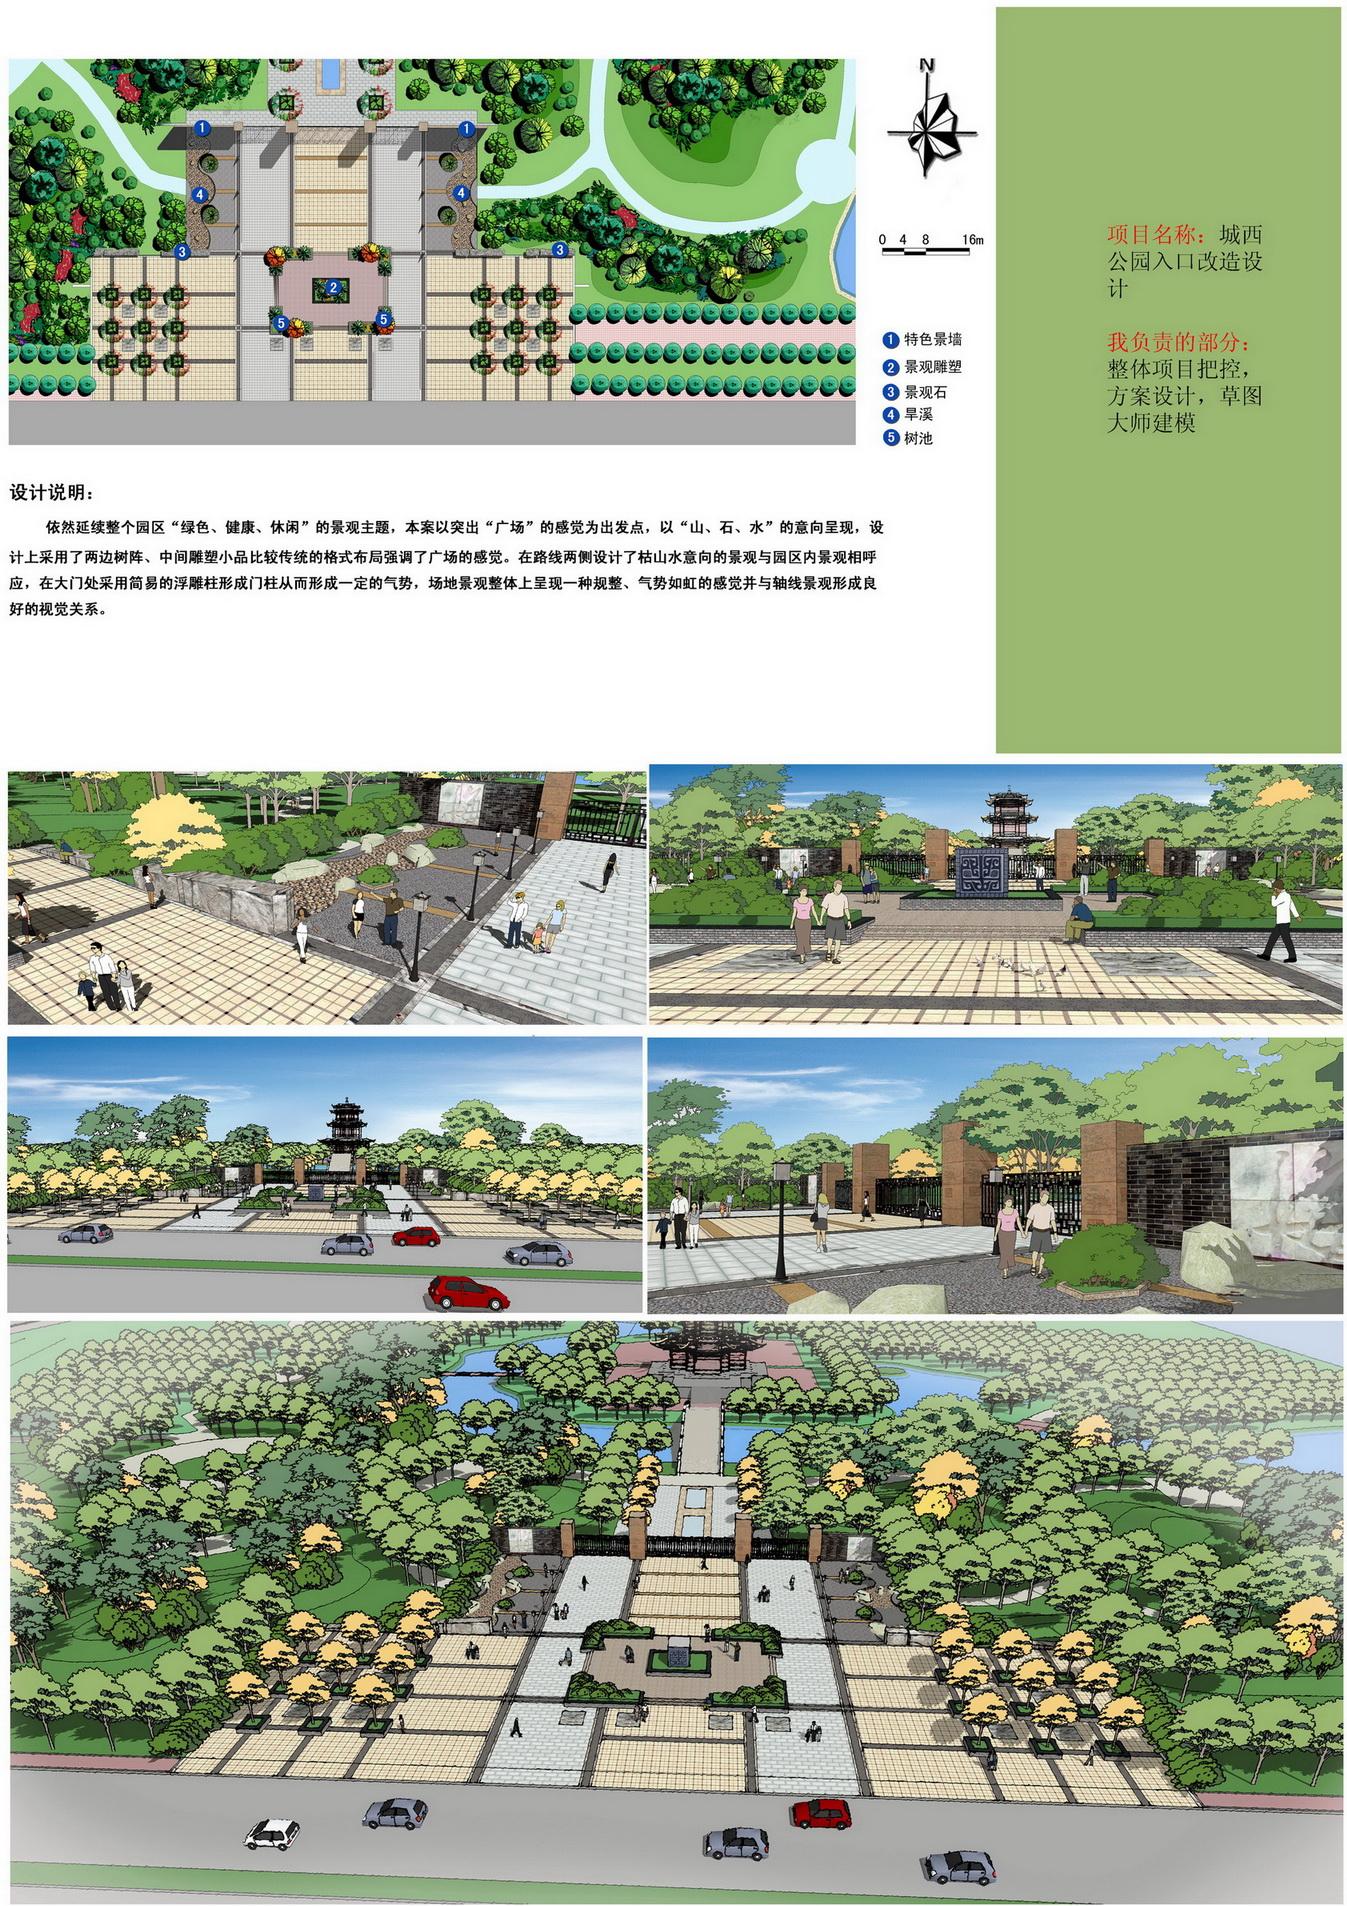 公园景观设计_上景 景观设计案例展示